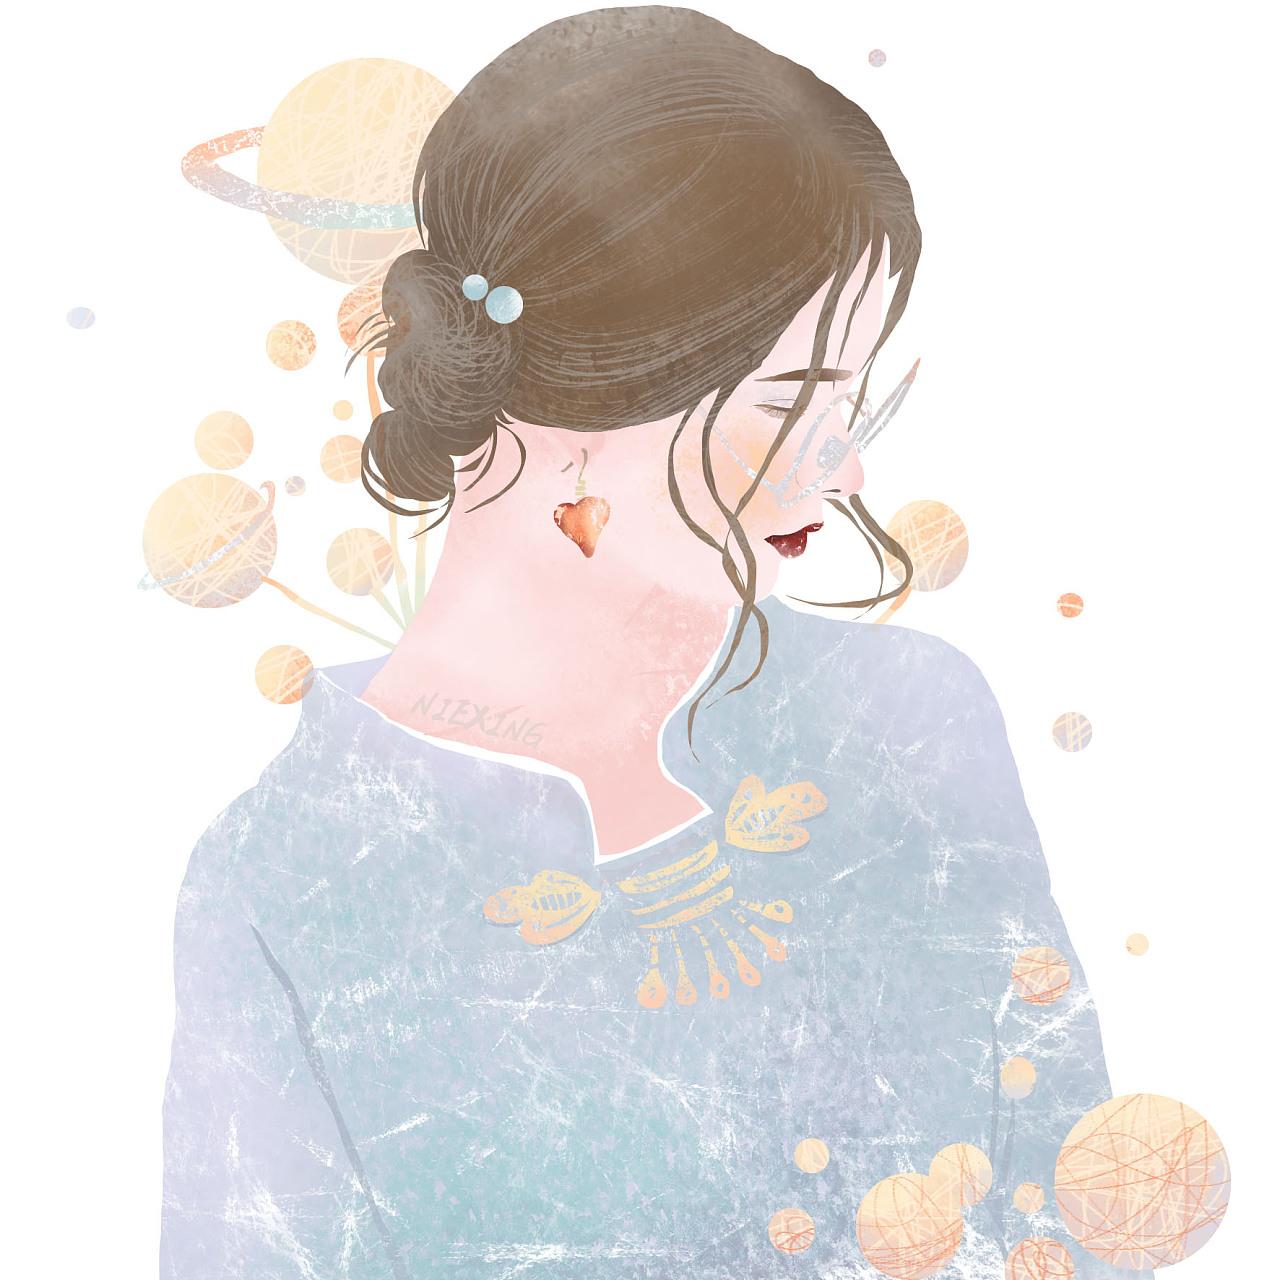 小清新人物头像创作|插画|插画习作|小星星籽 - 原创